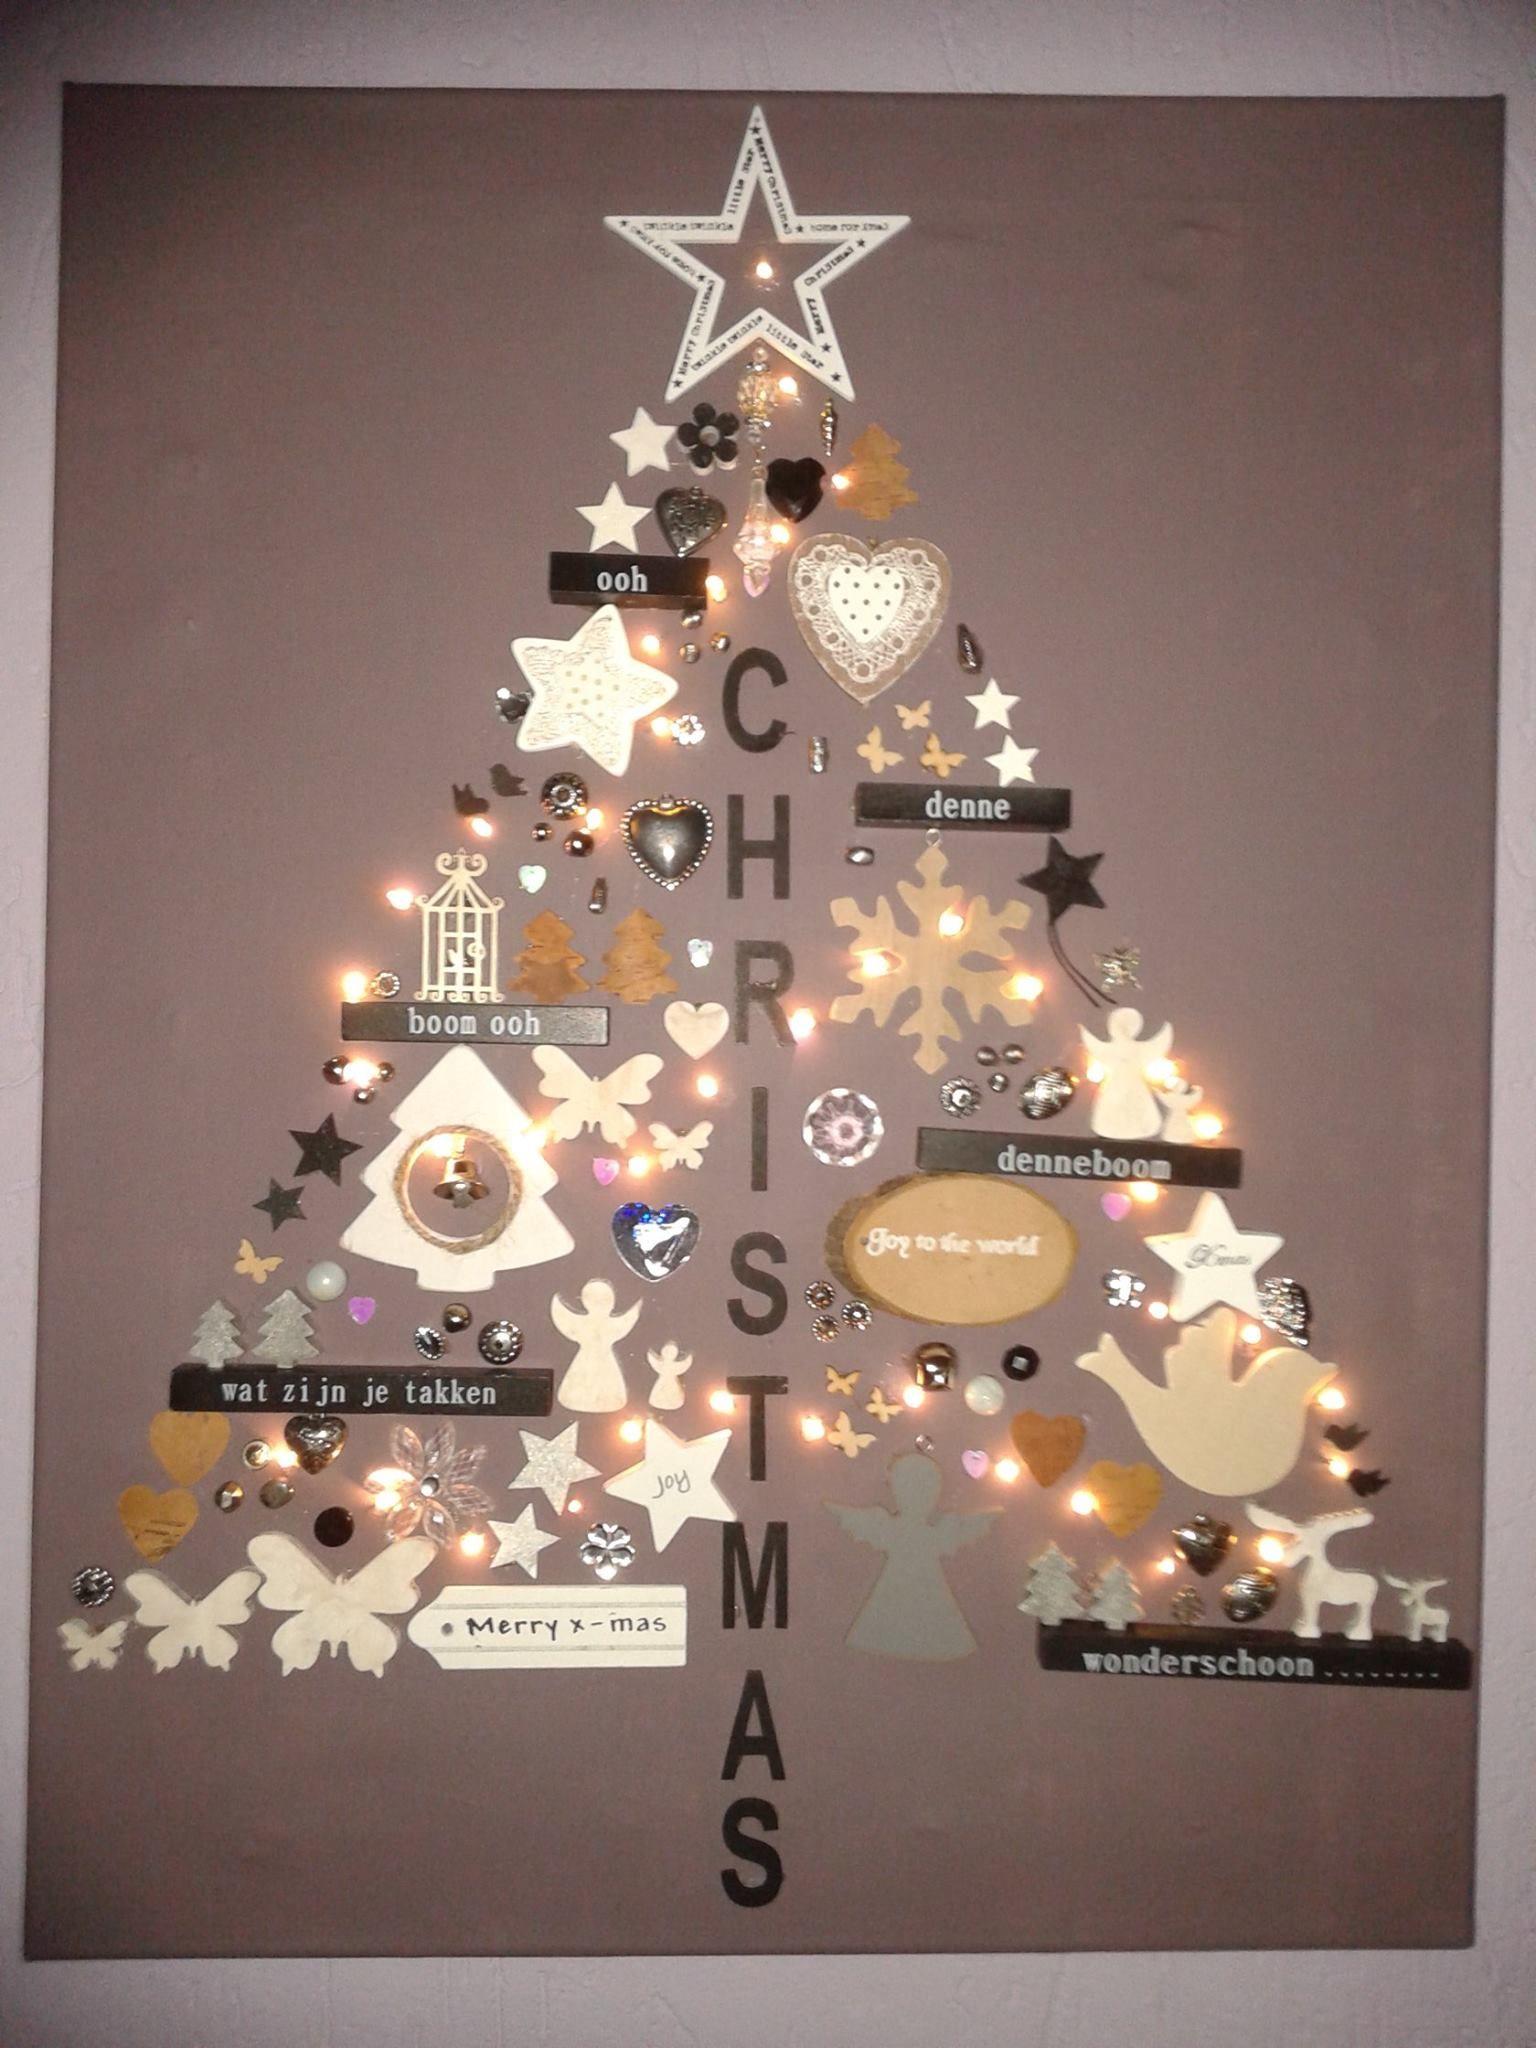 Benodigdheden Canvasdoek Verf Kerstdecoratie Lijm 1 Verf Het Canvas Naar